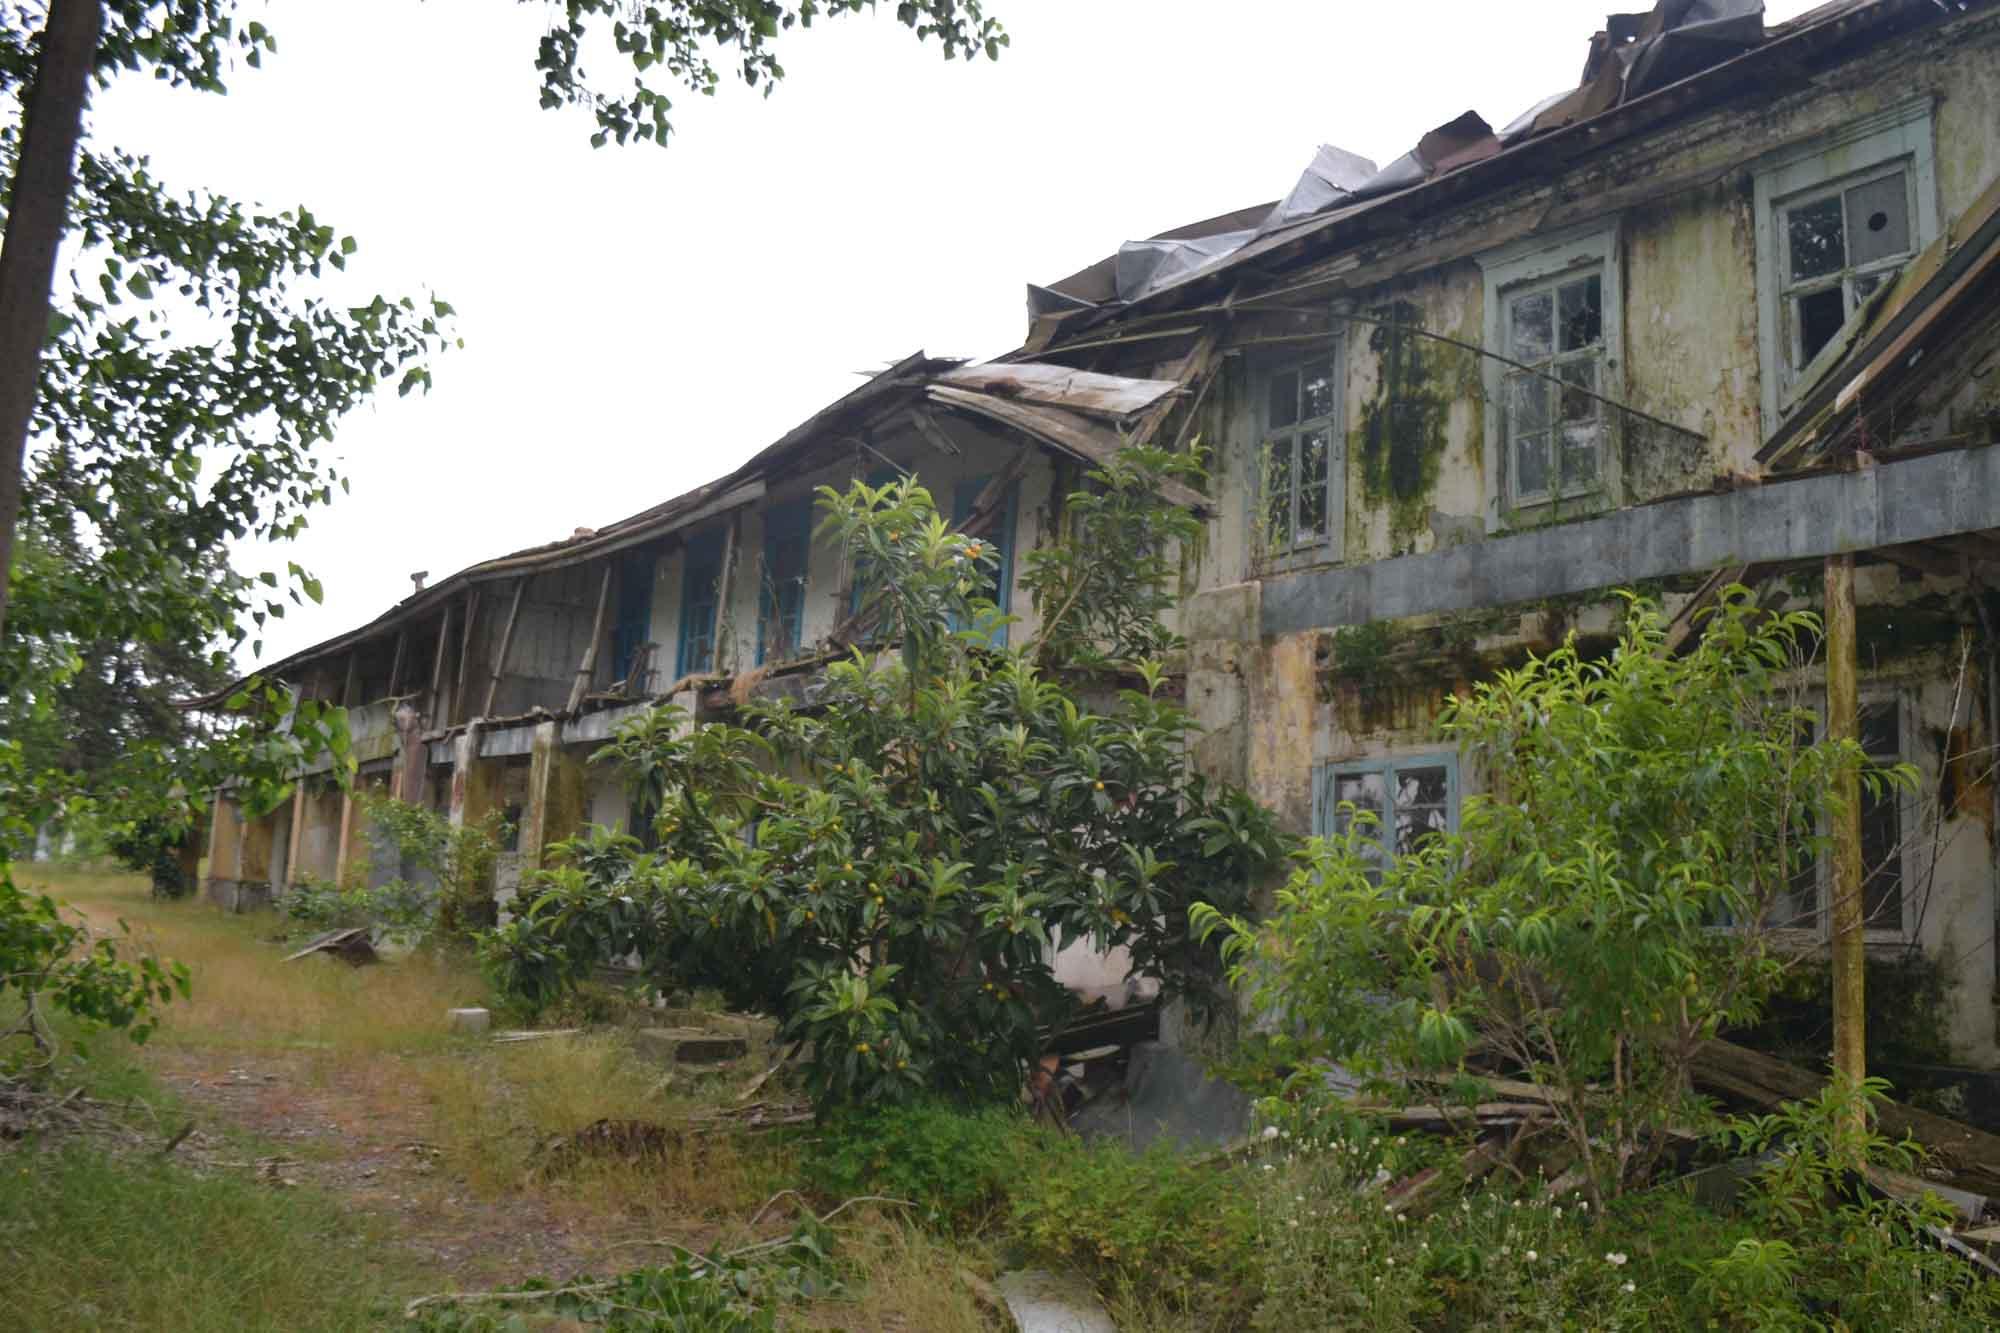 وضعیت دلخراش آثار تاریخی ثبت شده ملی شیلات بندر کیاشهر+تصاویر